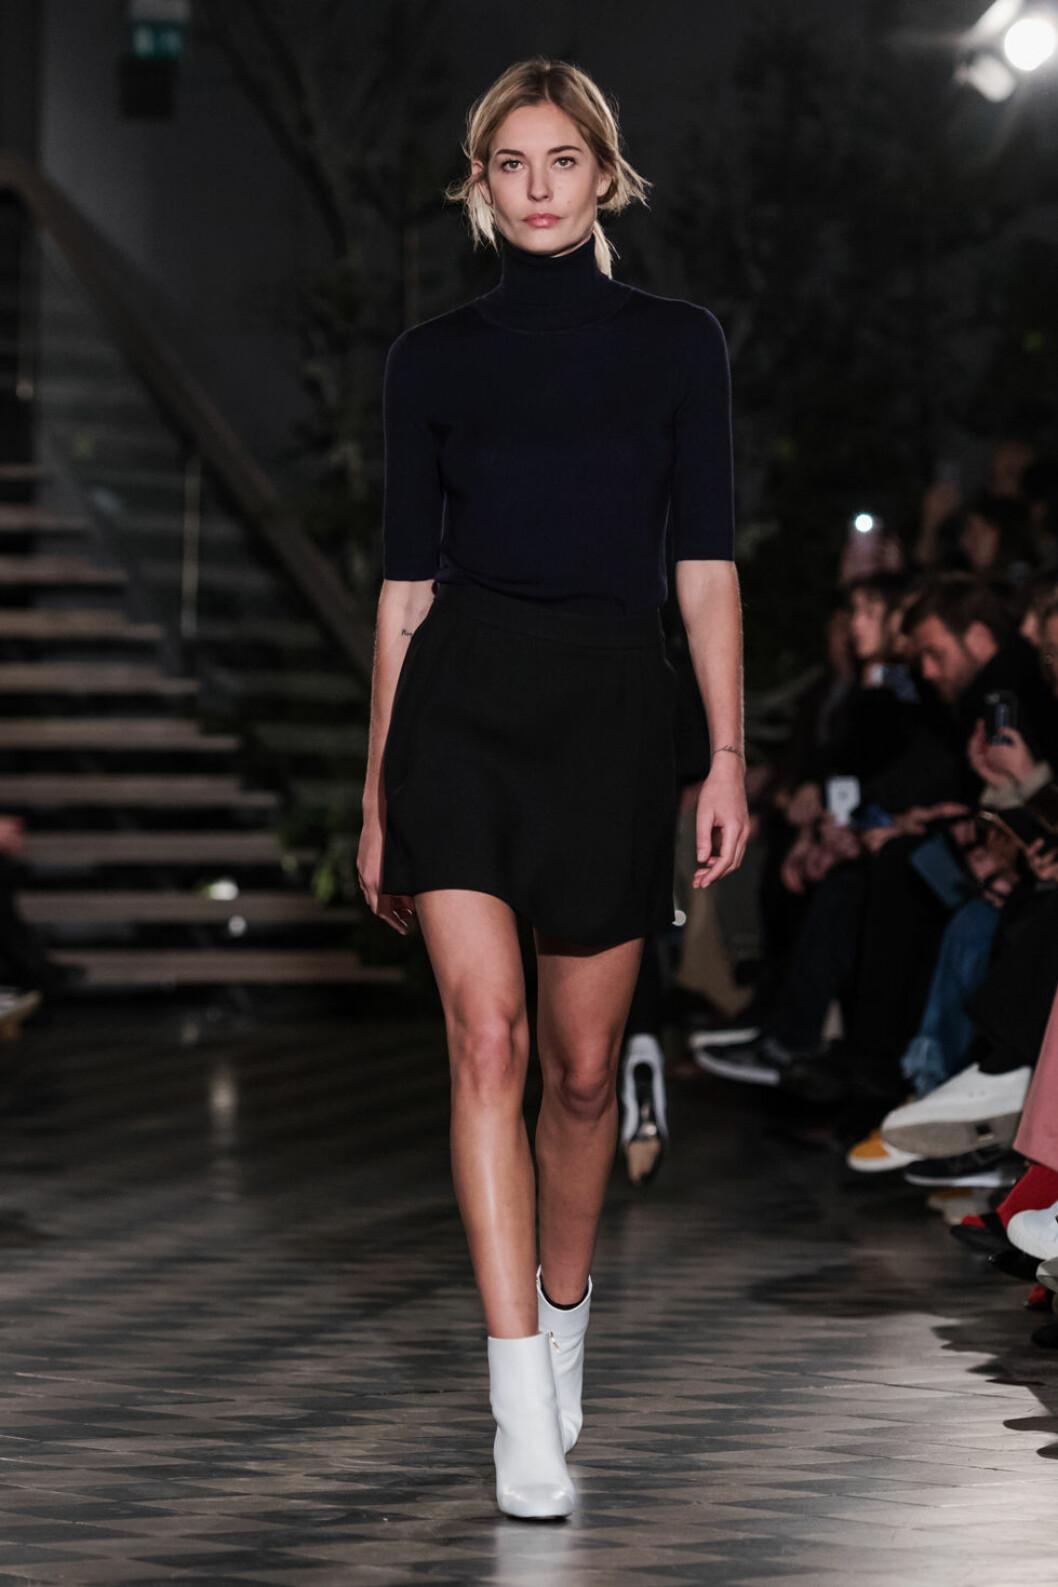 Filippa K AW 18, polotröja och kort kjol.